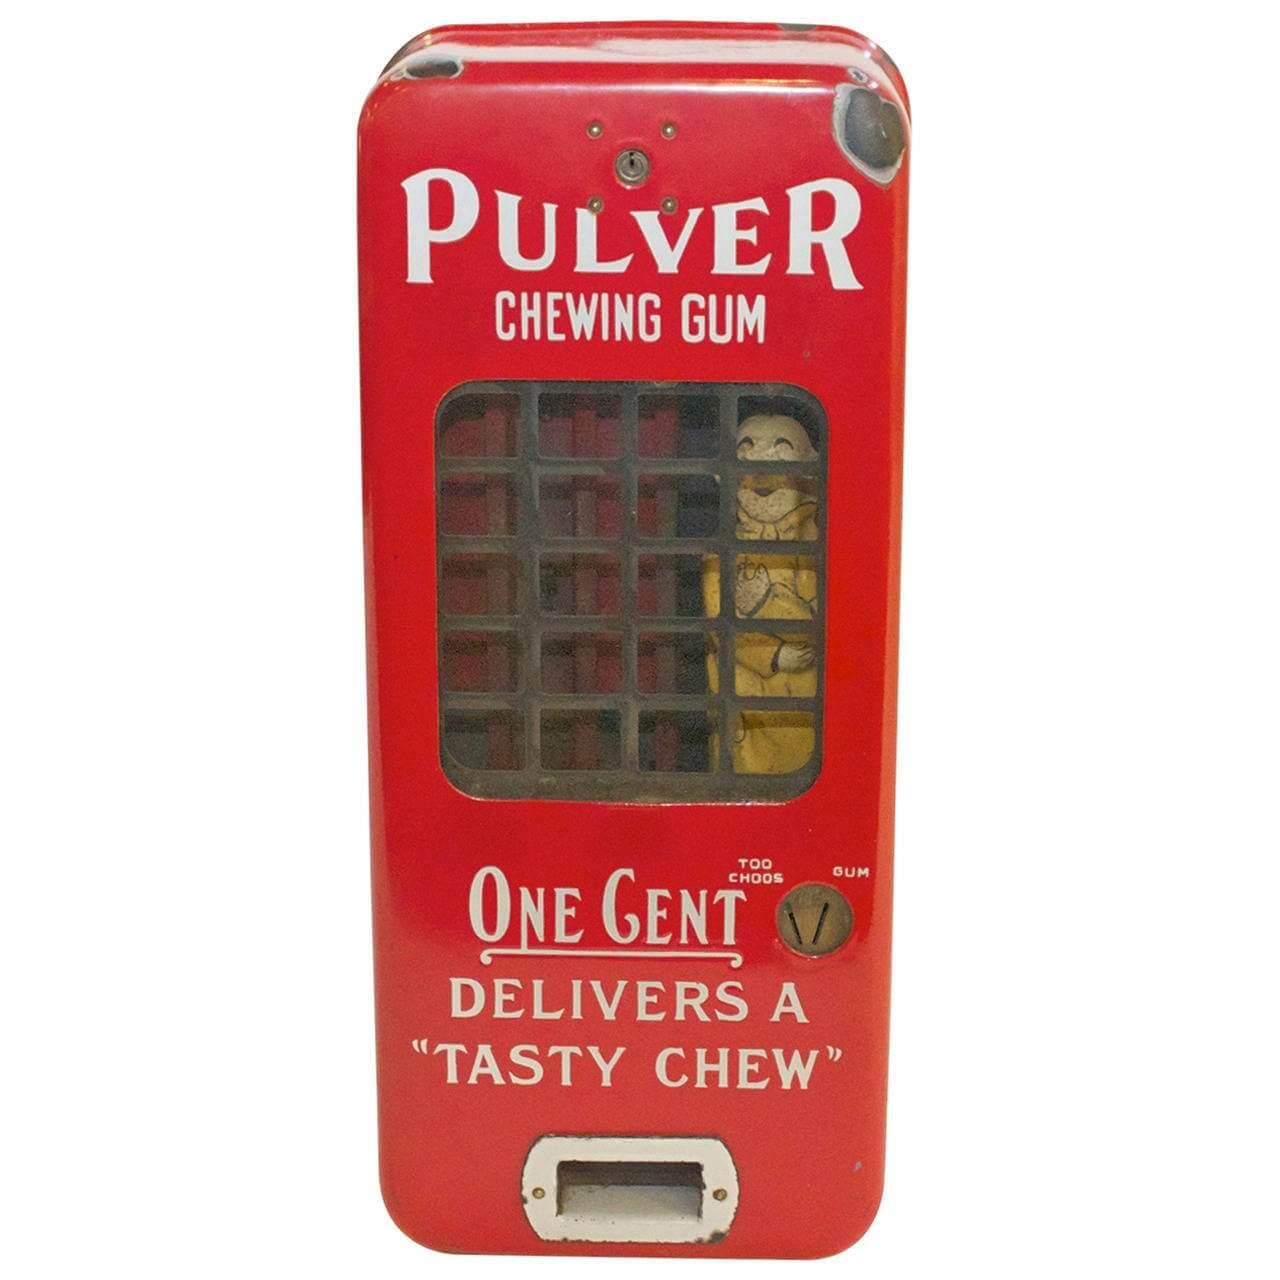 Pulvers One Cent Gum Machine